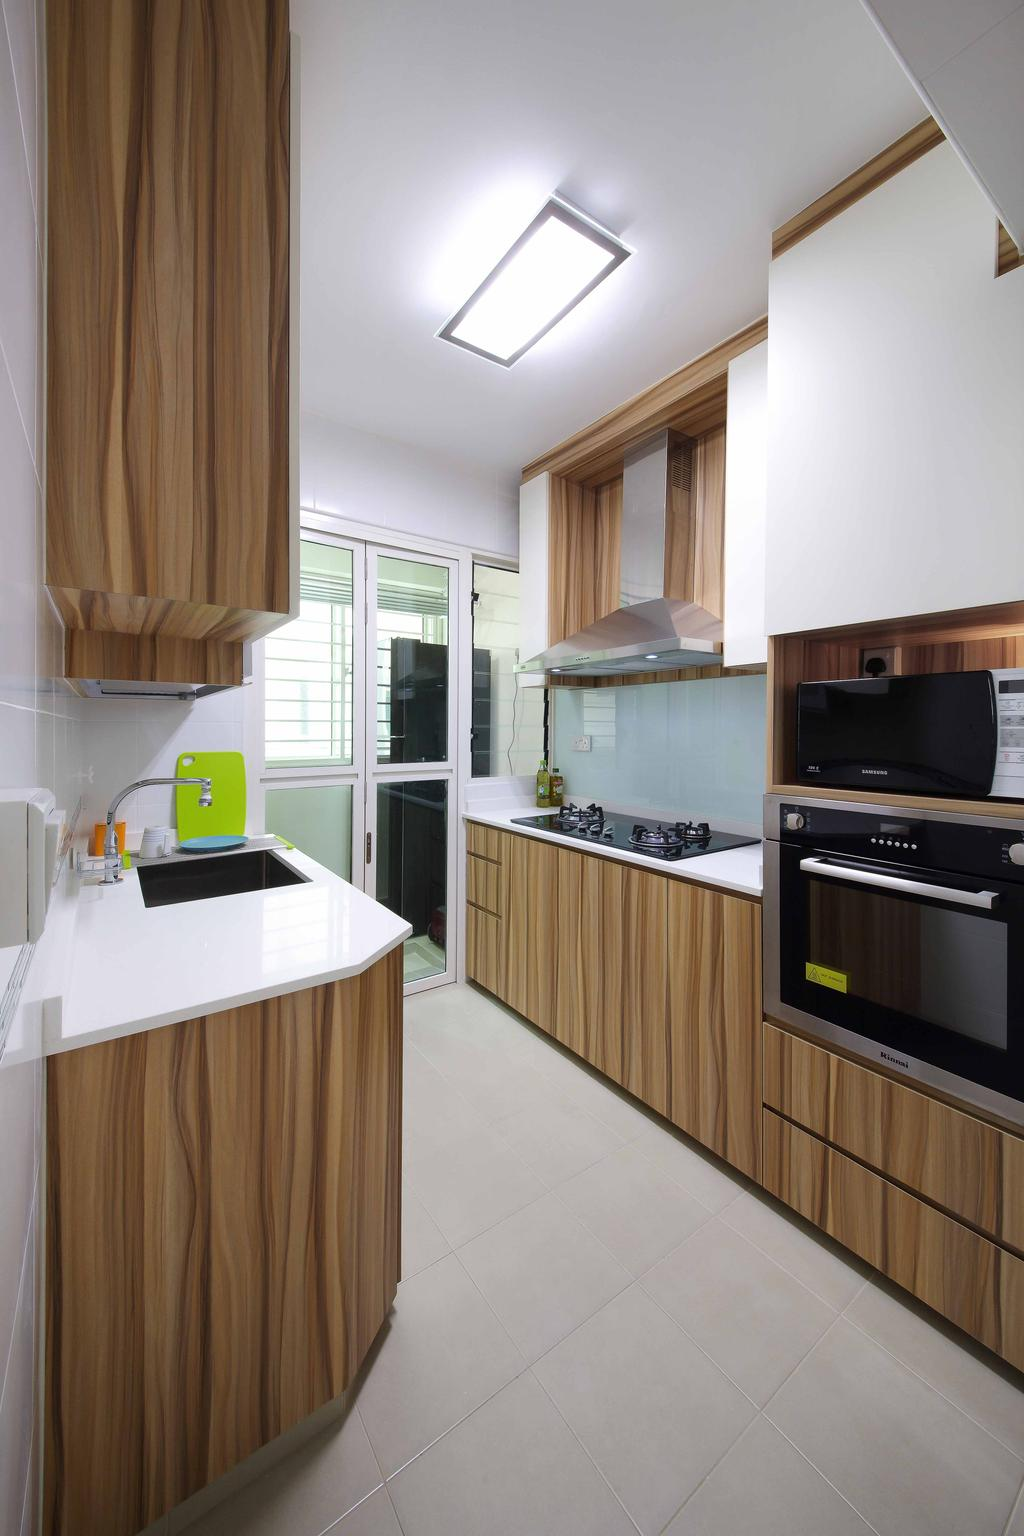 Interior Design Of Kitchen Room: Interior Design Singapore